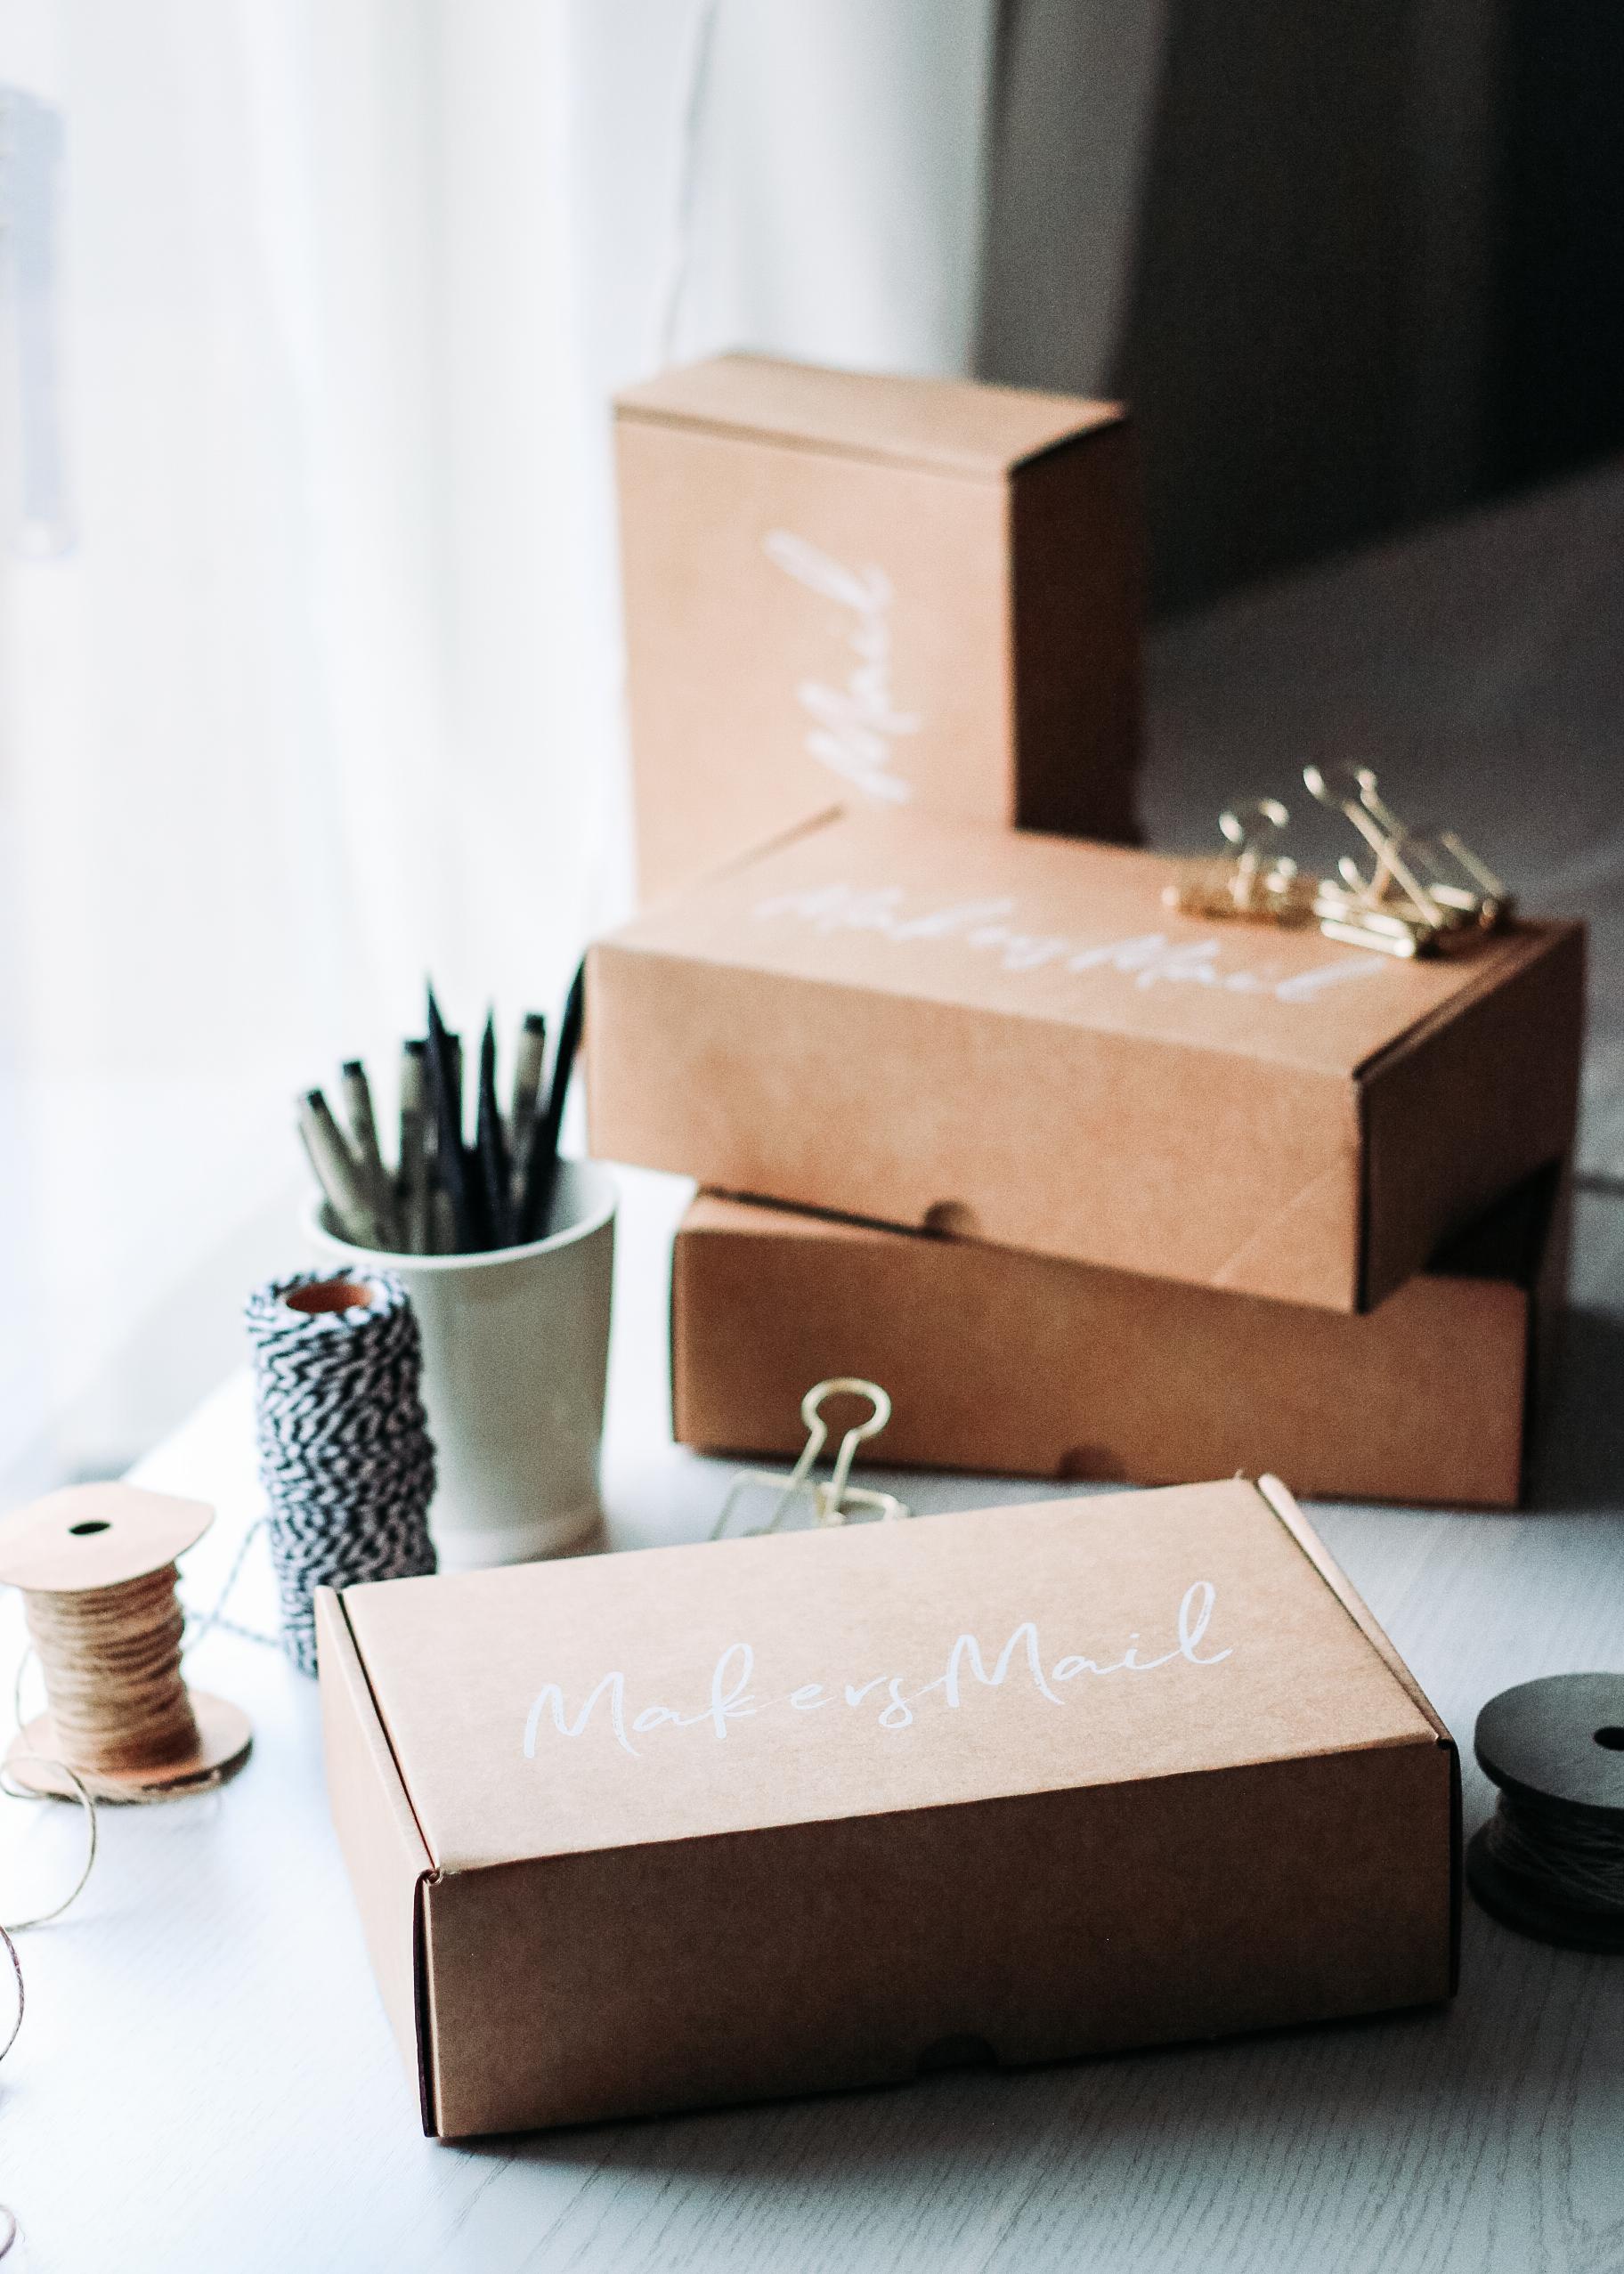 Makers Mail | DIY-box | Prenumeration | DIY inspiration direkt hem på posten | Makersmailcompany.com | By Sandramaria